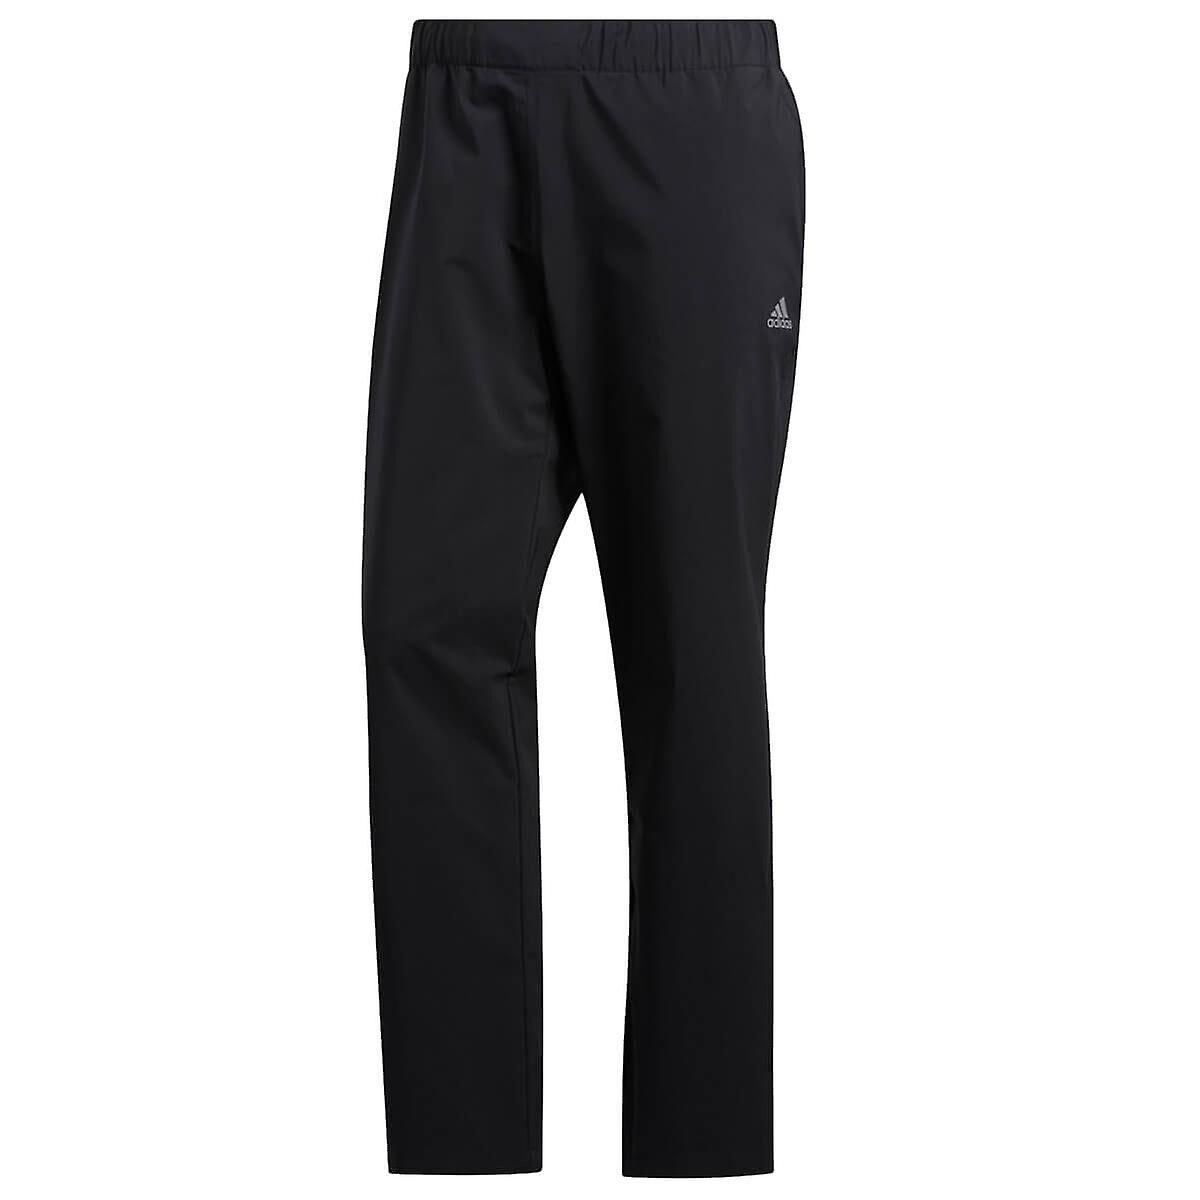 adidas Golf Mens 2020 Pantalon répulsif provisoire d'eau de pluie Noir M